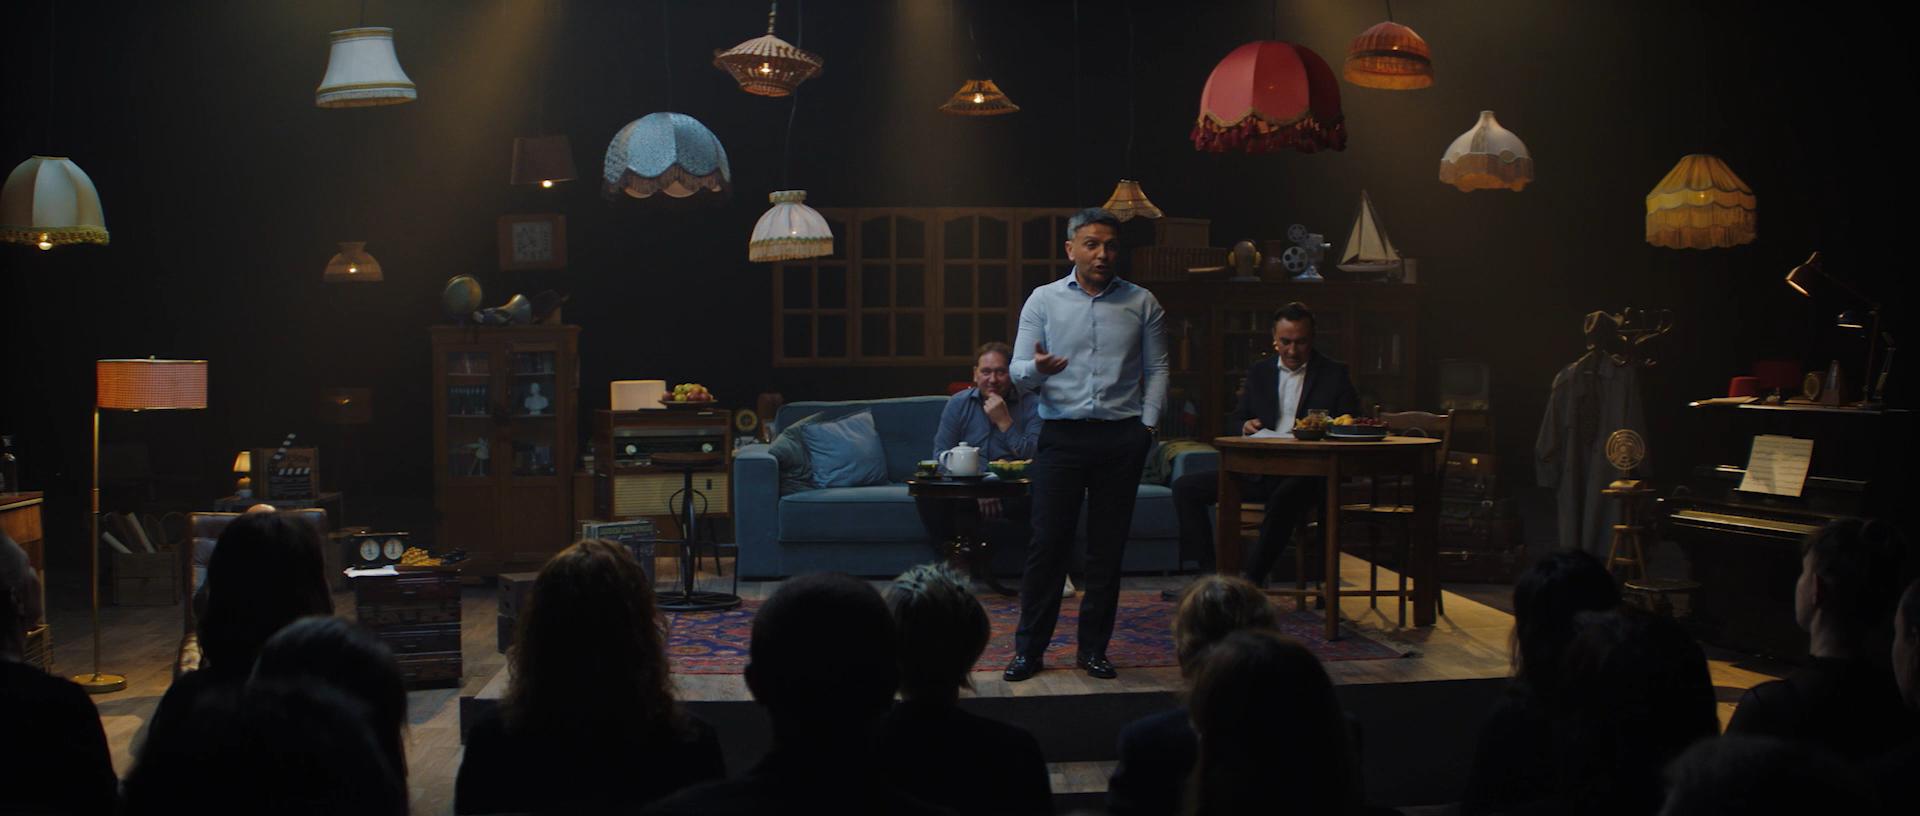 «Разговорник» – кадр из фильма